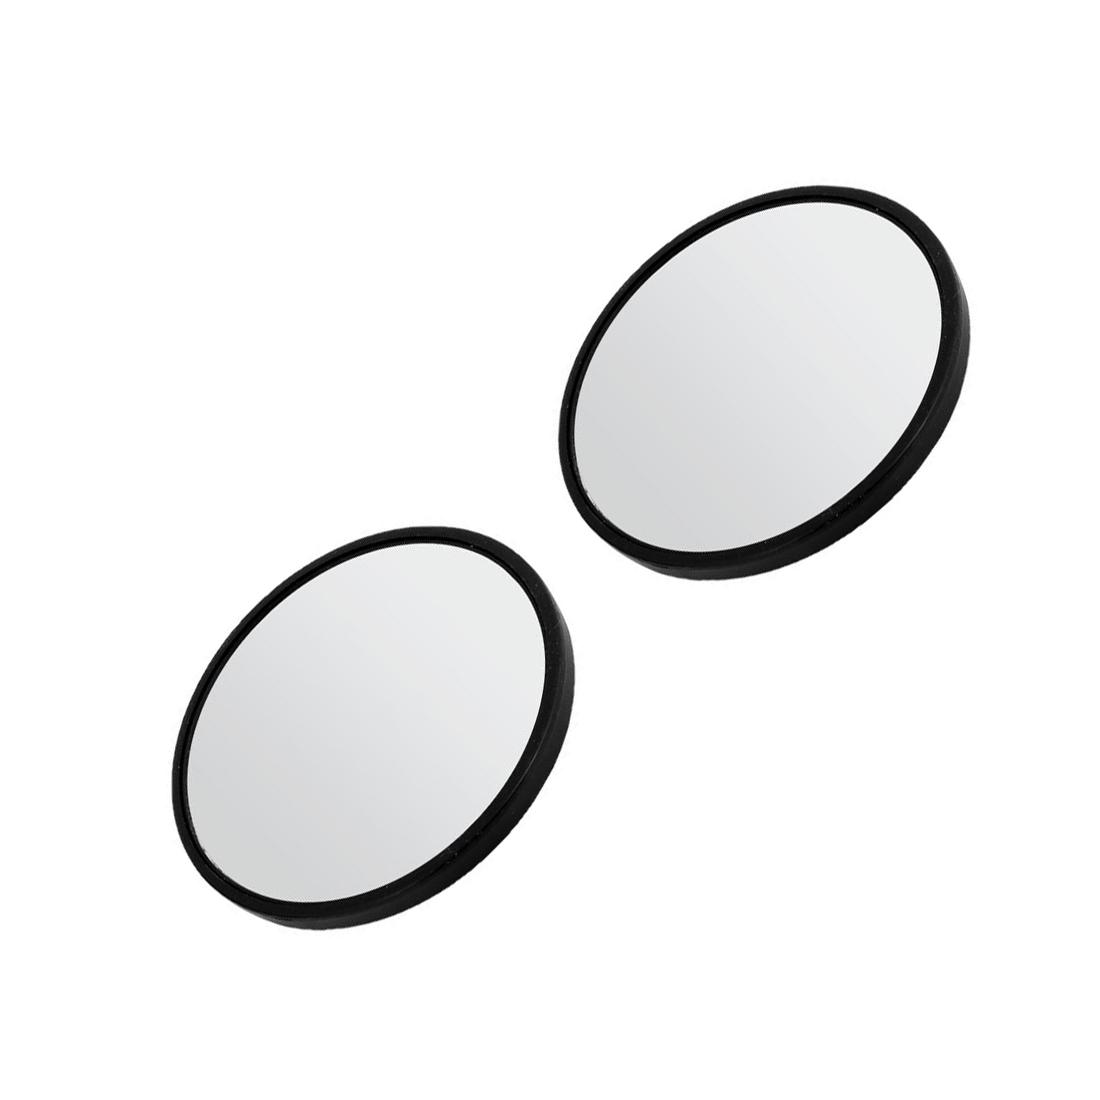 6x 2 durchmesser schwarzer rahmen welspiegel rueckspiegel fuer auto ebay. Black Bedroom Furniture Sets. Home Design Ideas